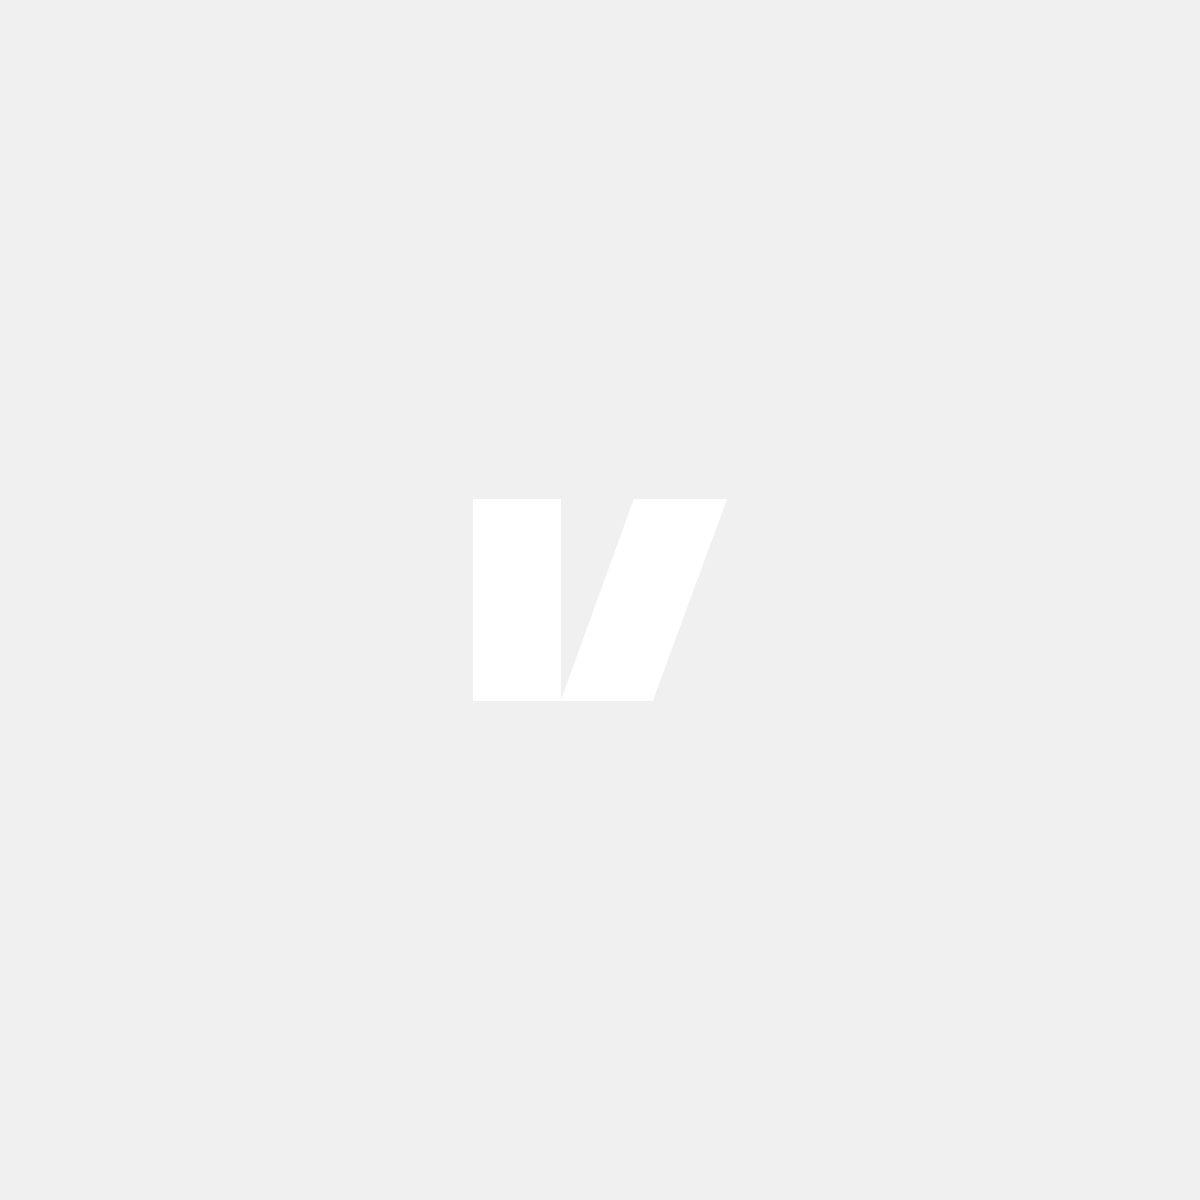 Mattkromade backspegelkåpor till Volvo 850, S70, V70, V70XC